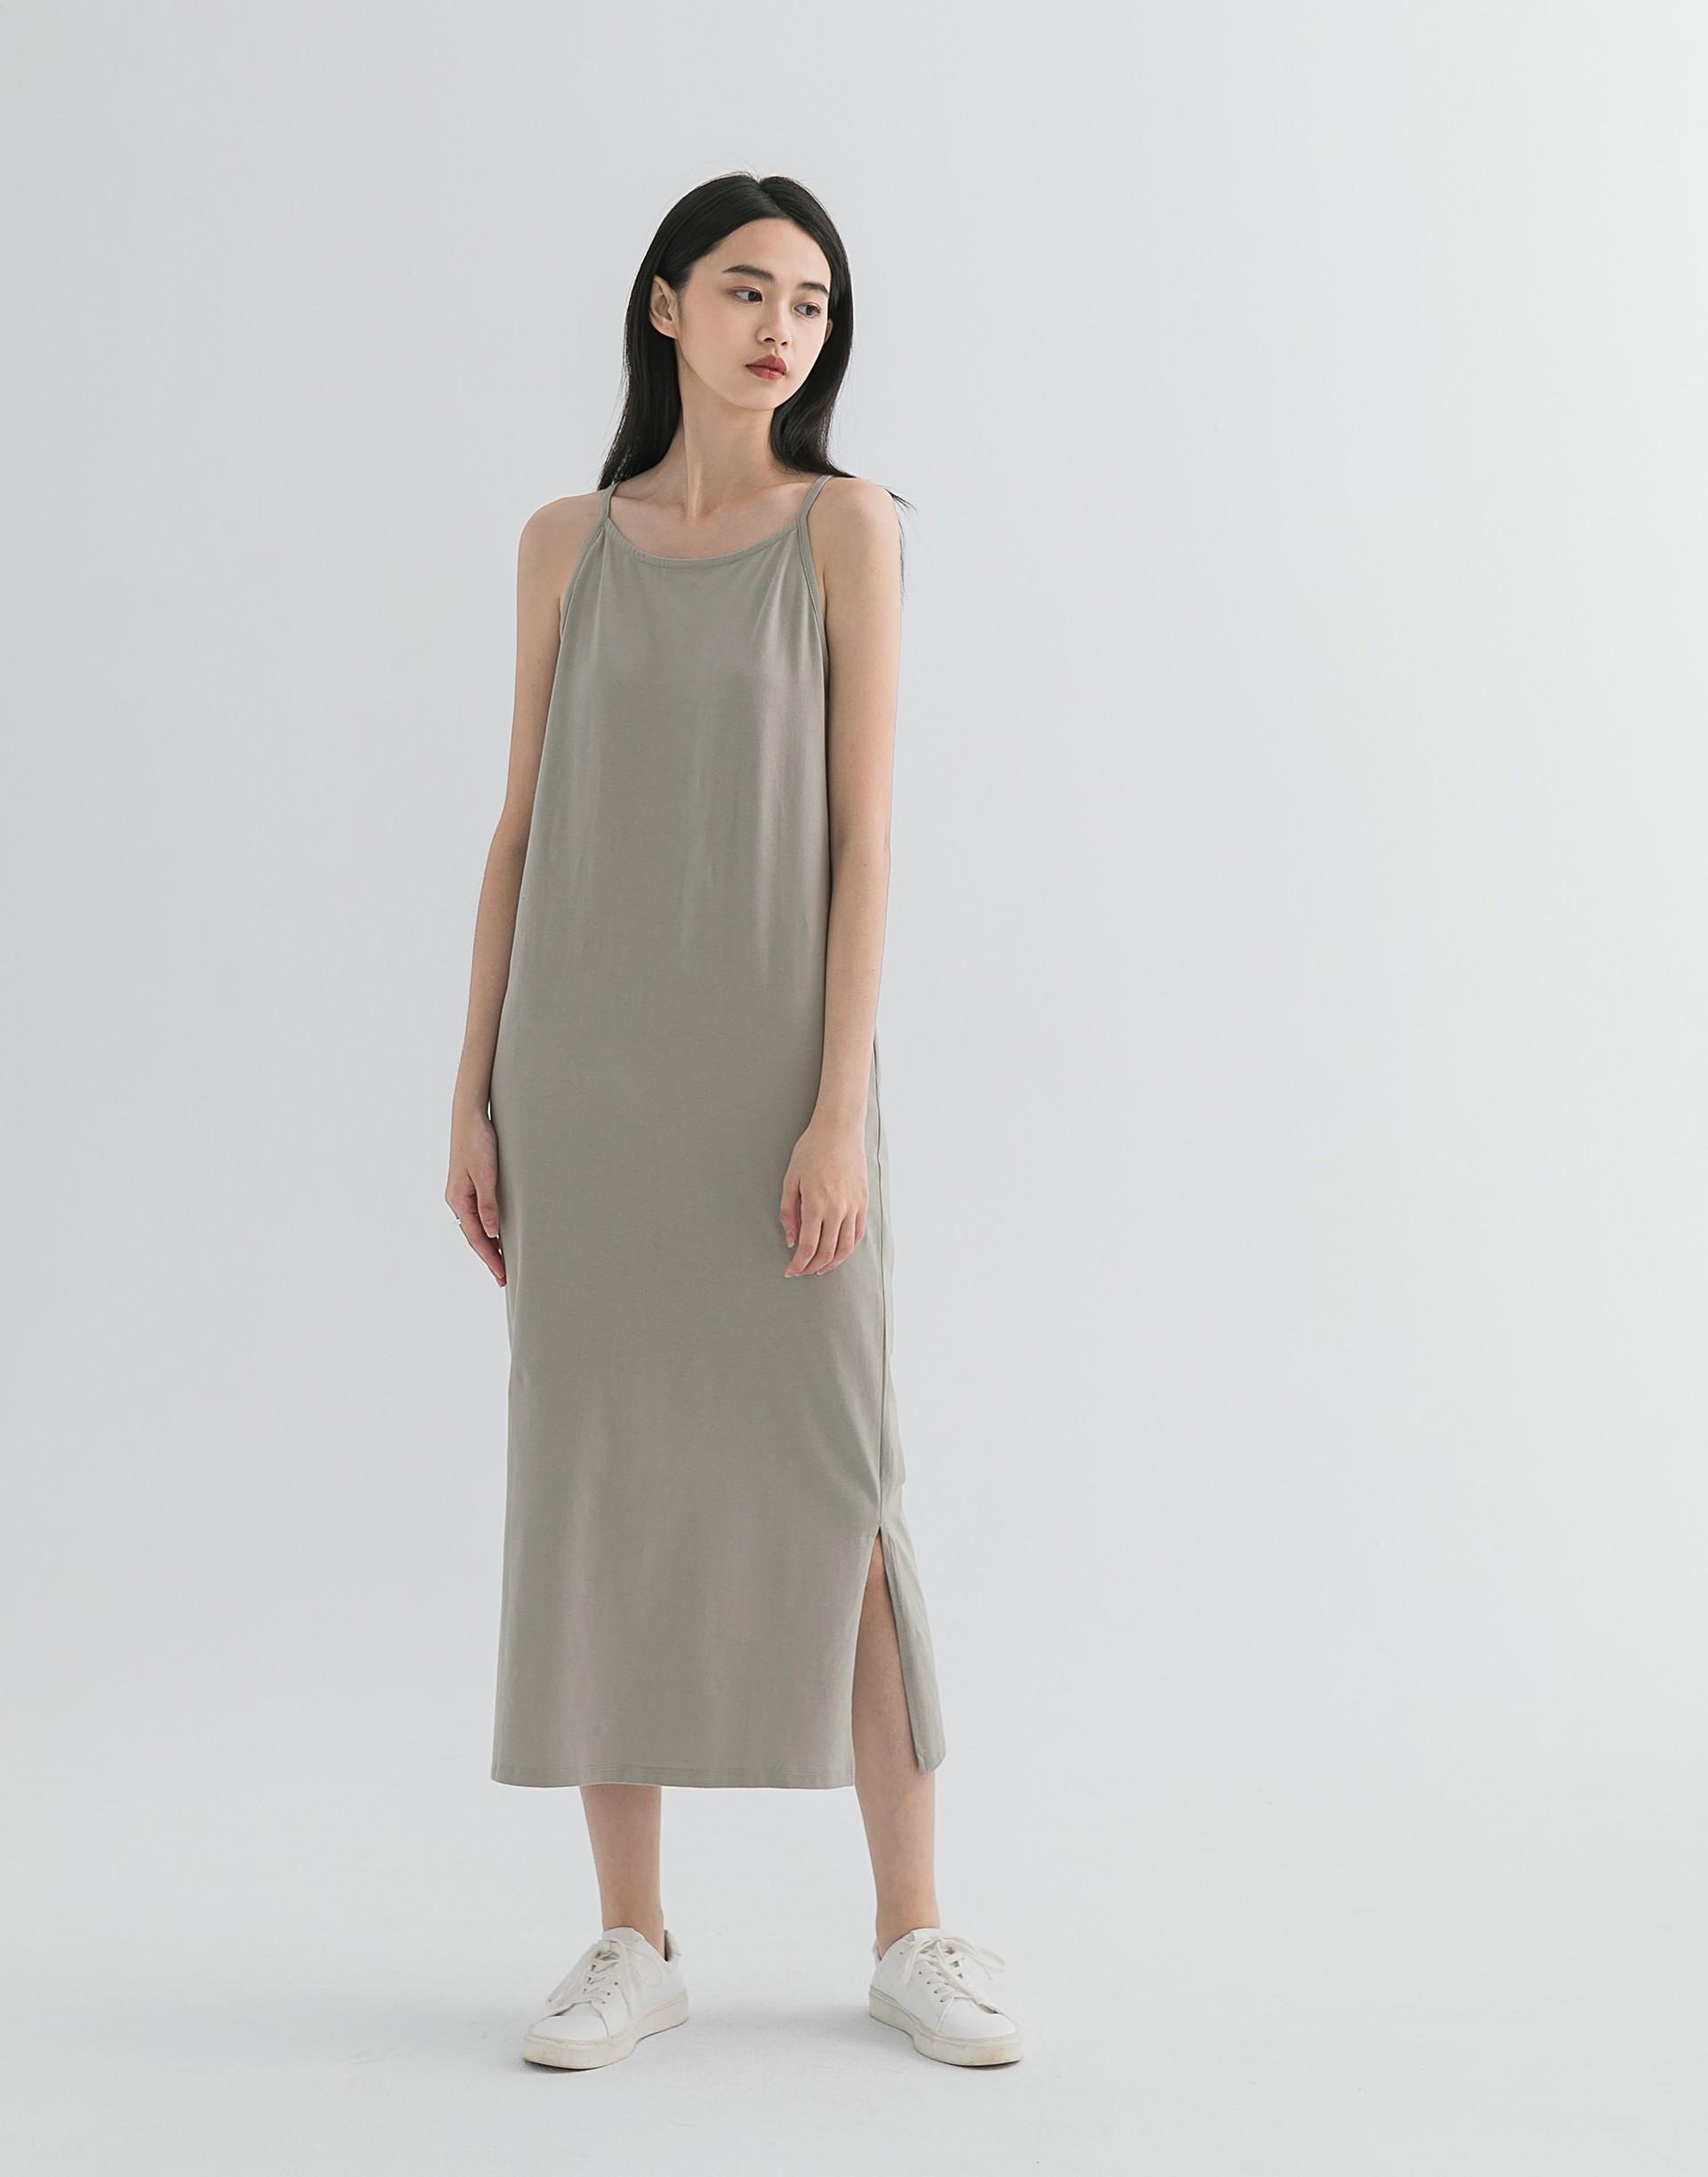 彈性: 適中 舒適有彈性的棉質料、削肩設計、微合身長洋裝版型